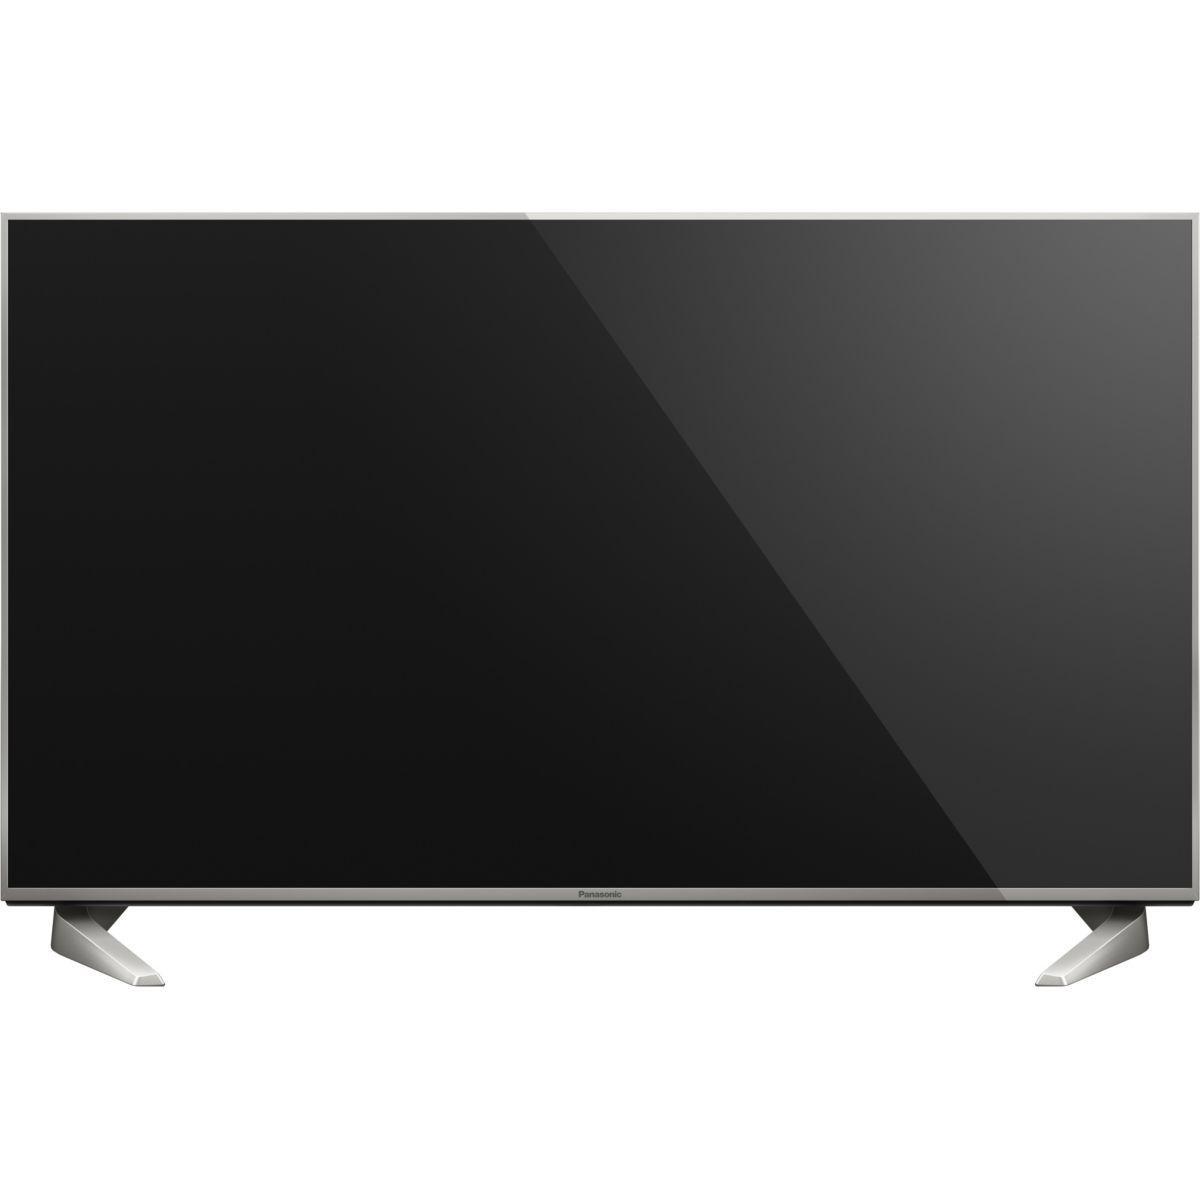 TV LED PANASONIC TX-50DX700F